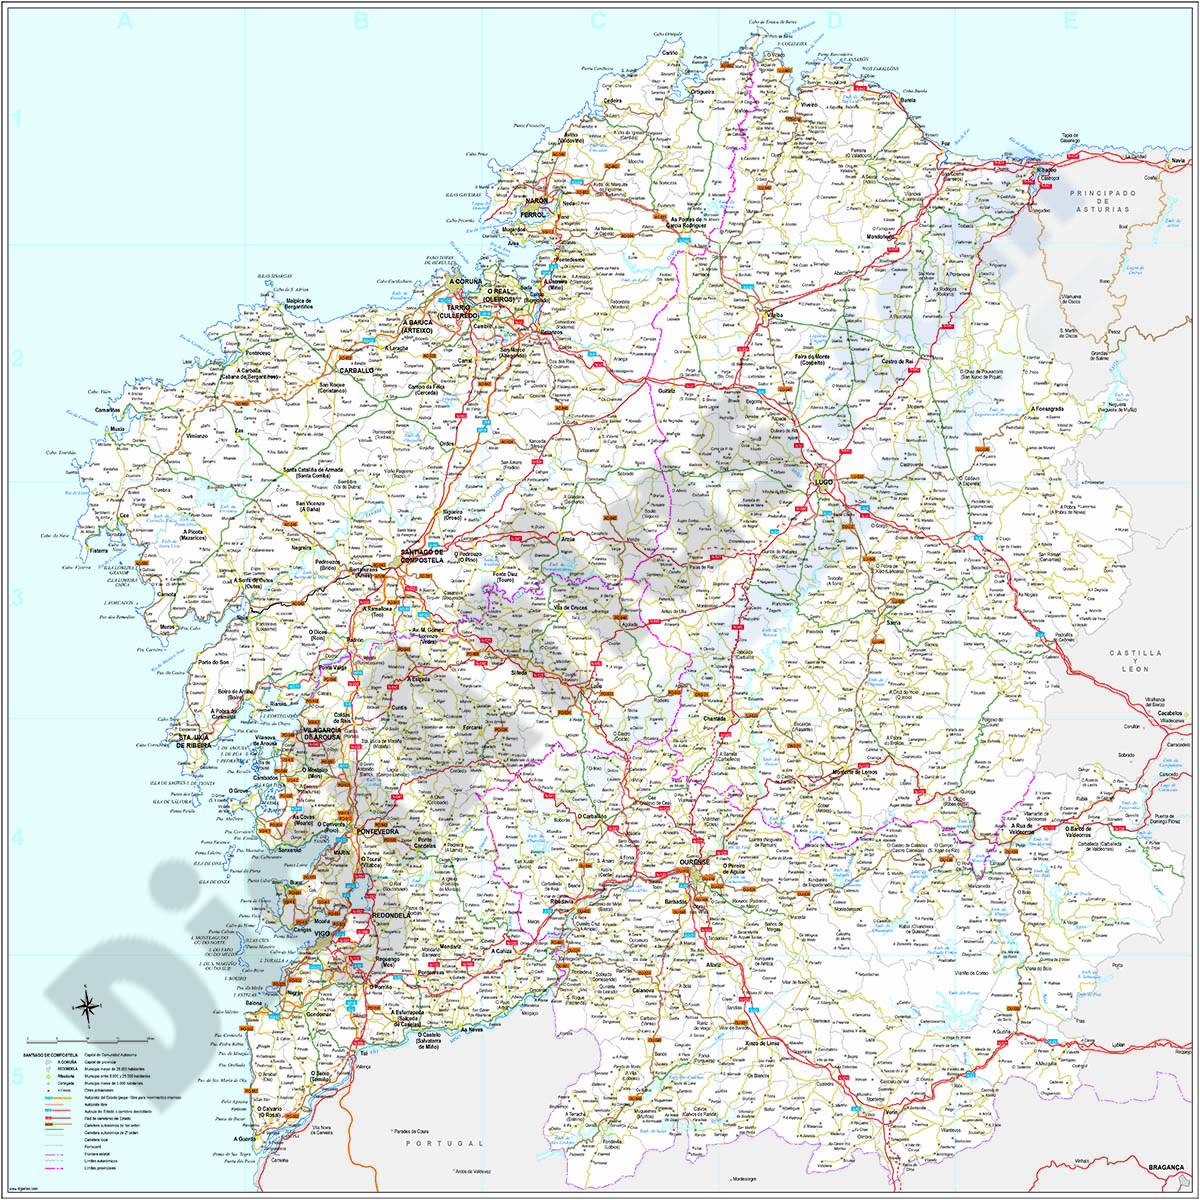 Mapa Politico De Galicia.Digiatlas Mapas Y Planos Digitales Mapas De Codigos Postales